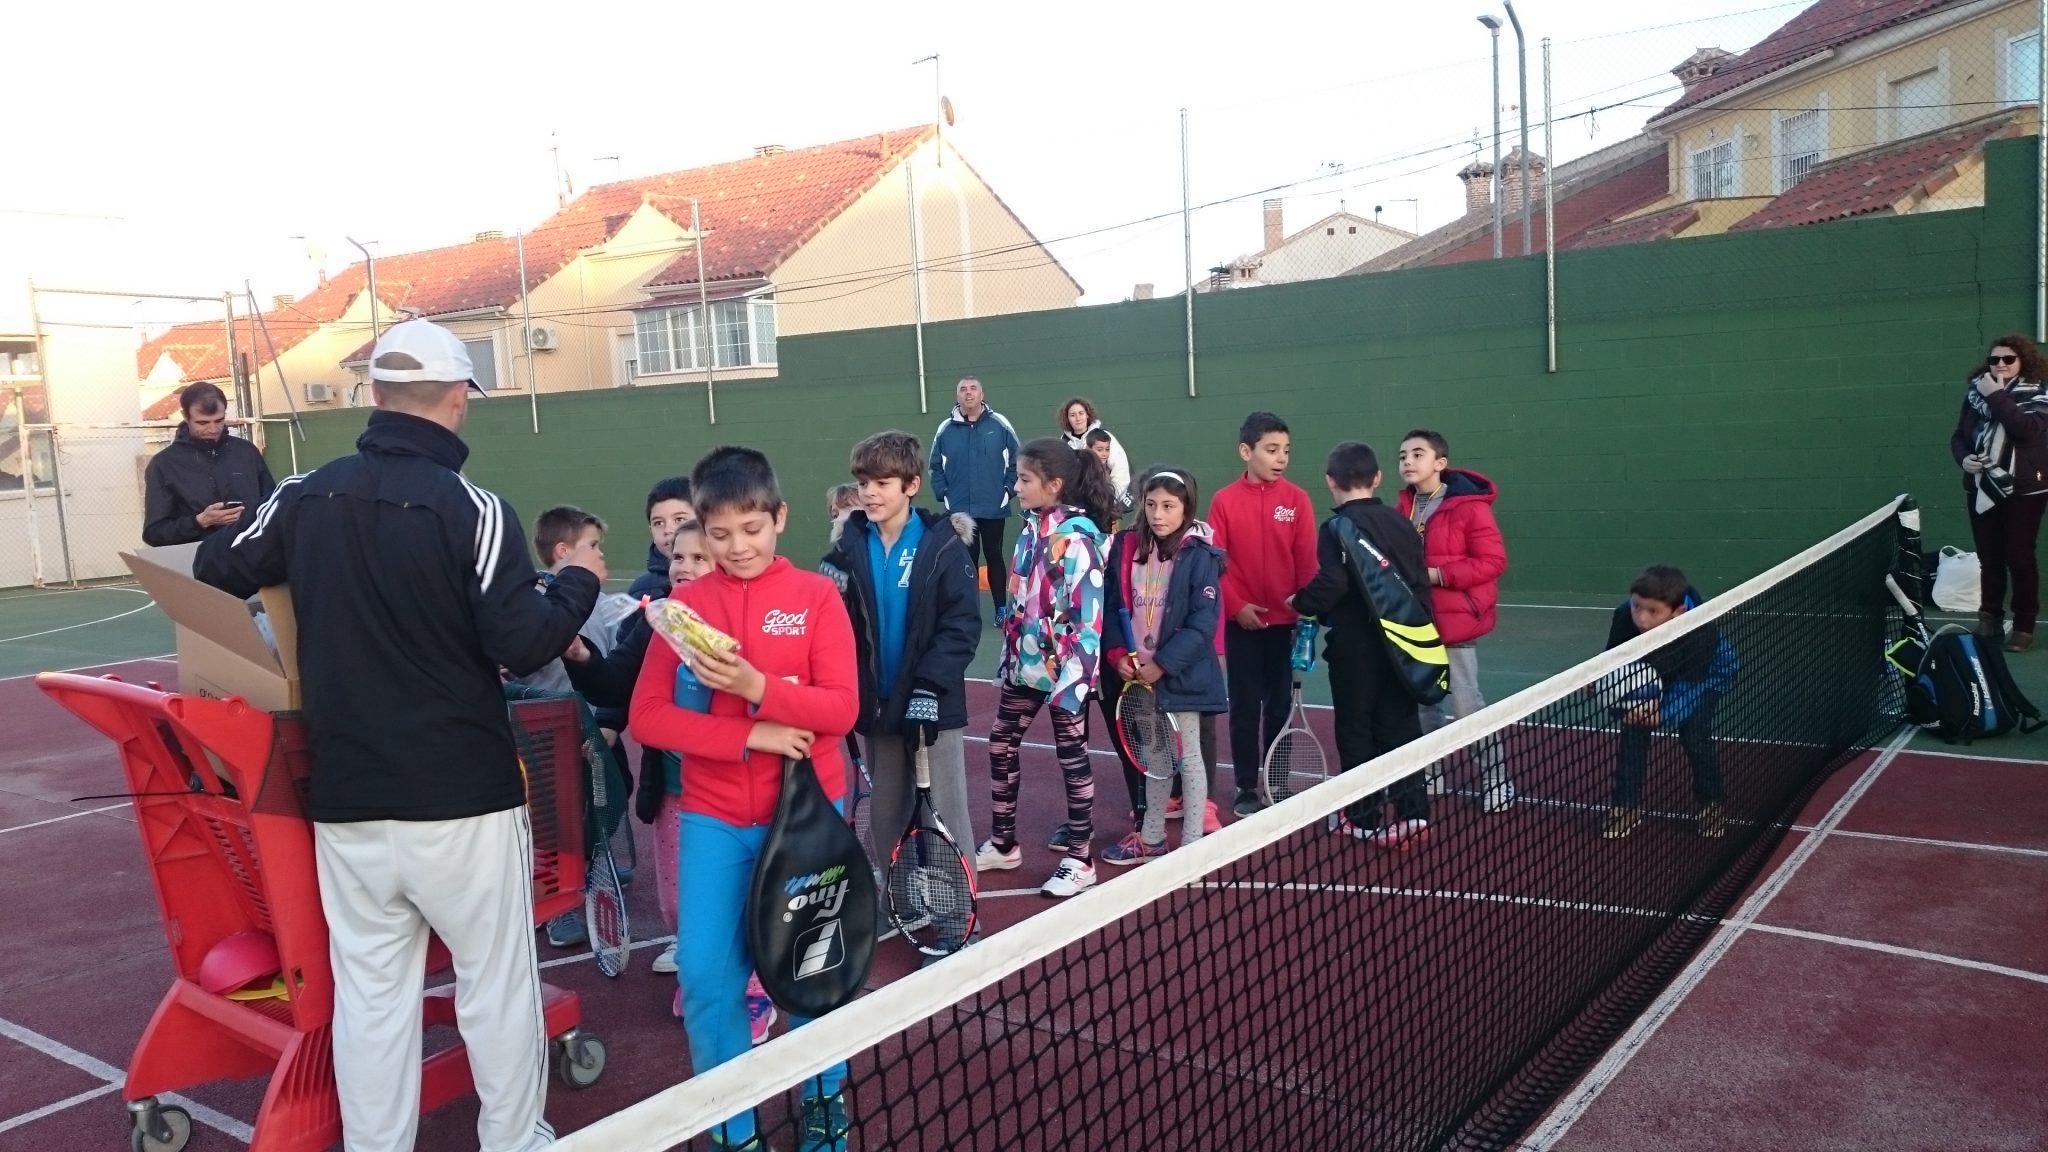 2-Participantes_Torneo_Tenis_Navidad_Bargas_2017